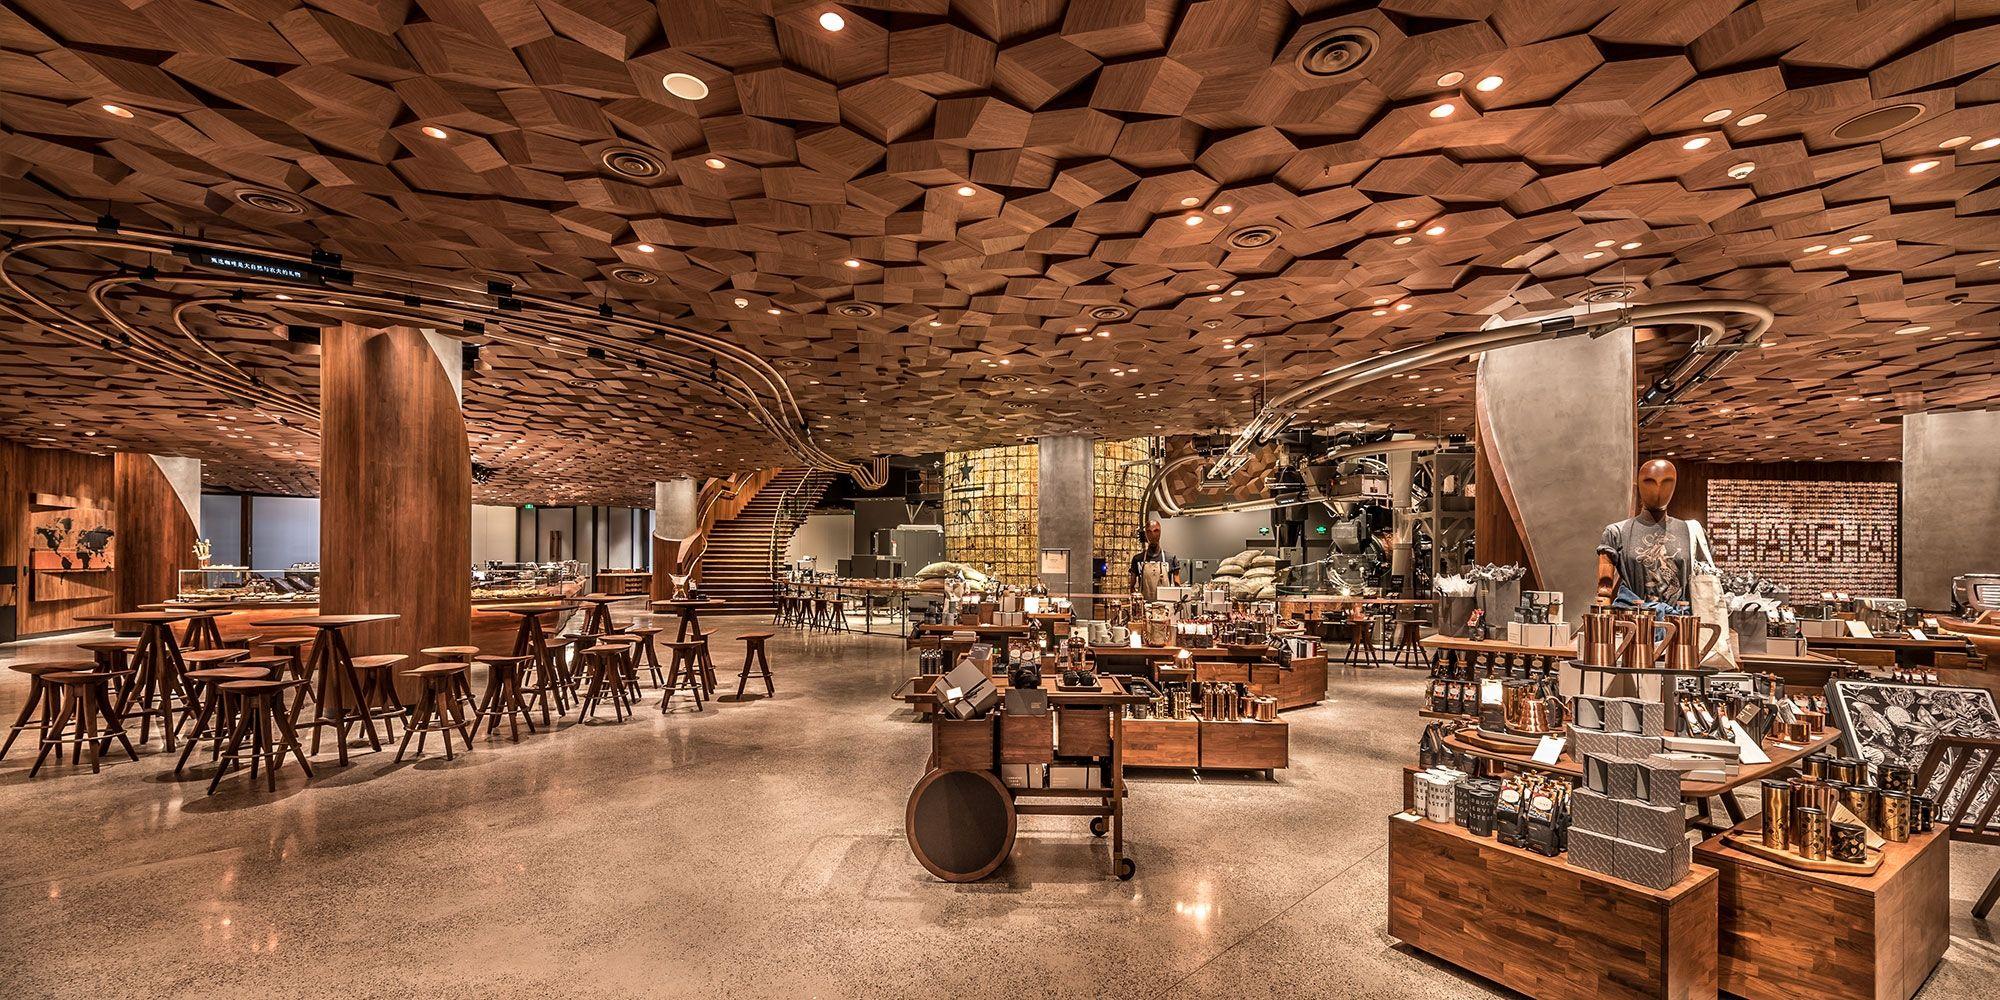 Starbucks Shangai 5 - Starbucks abre en China su tienda más grande del mundo